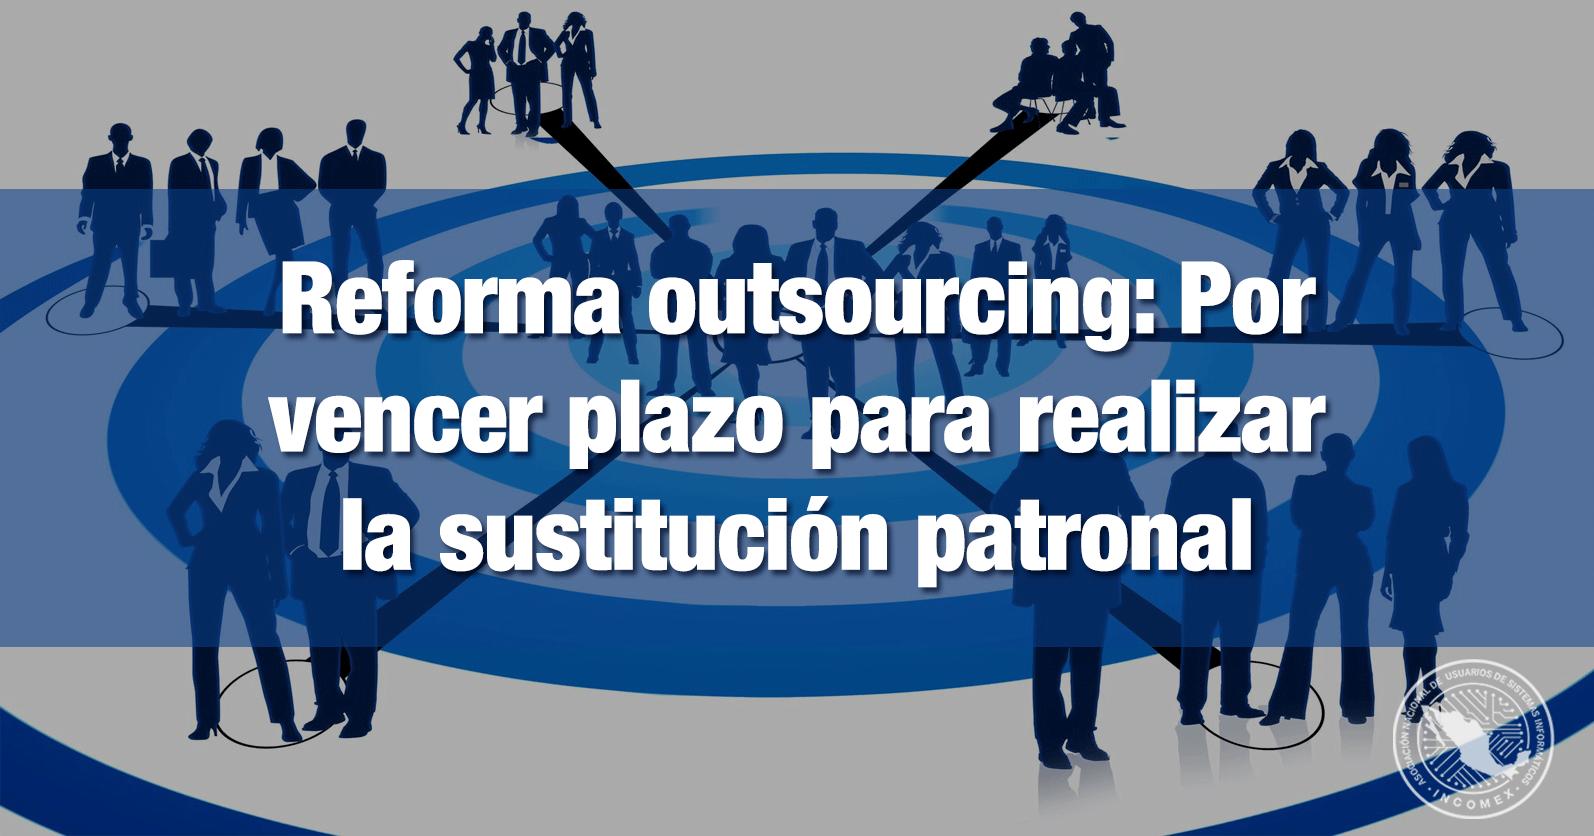 Reforma outsourcing: Por vencer plazo para realizar la sustitución patronal